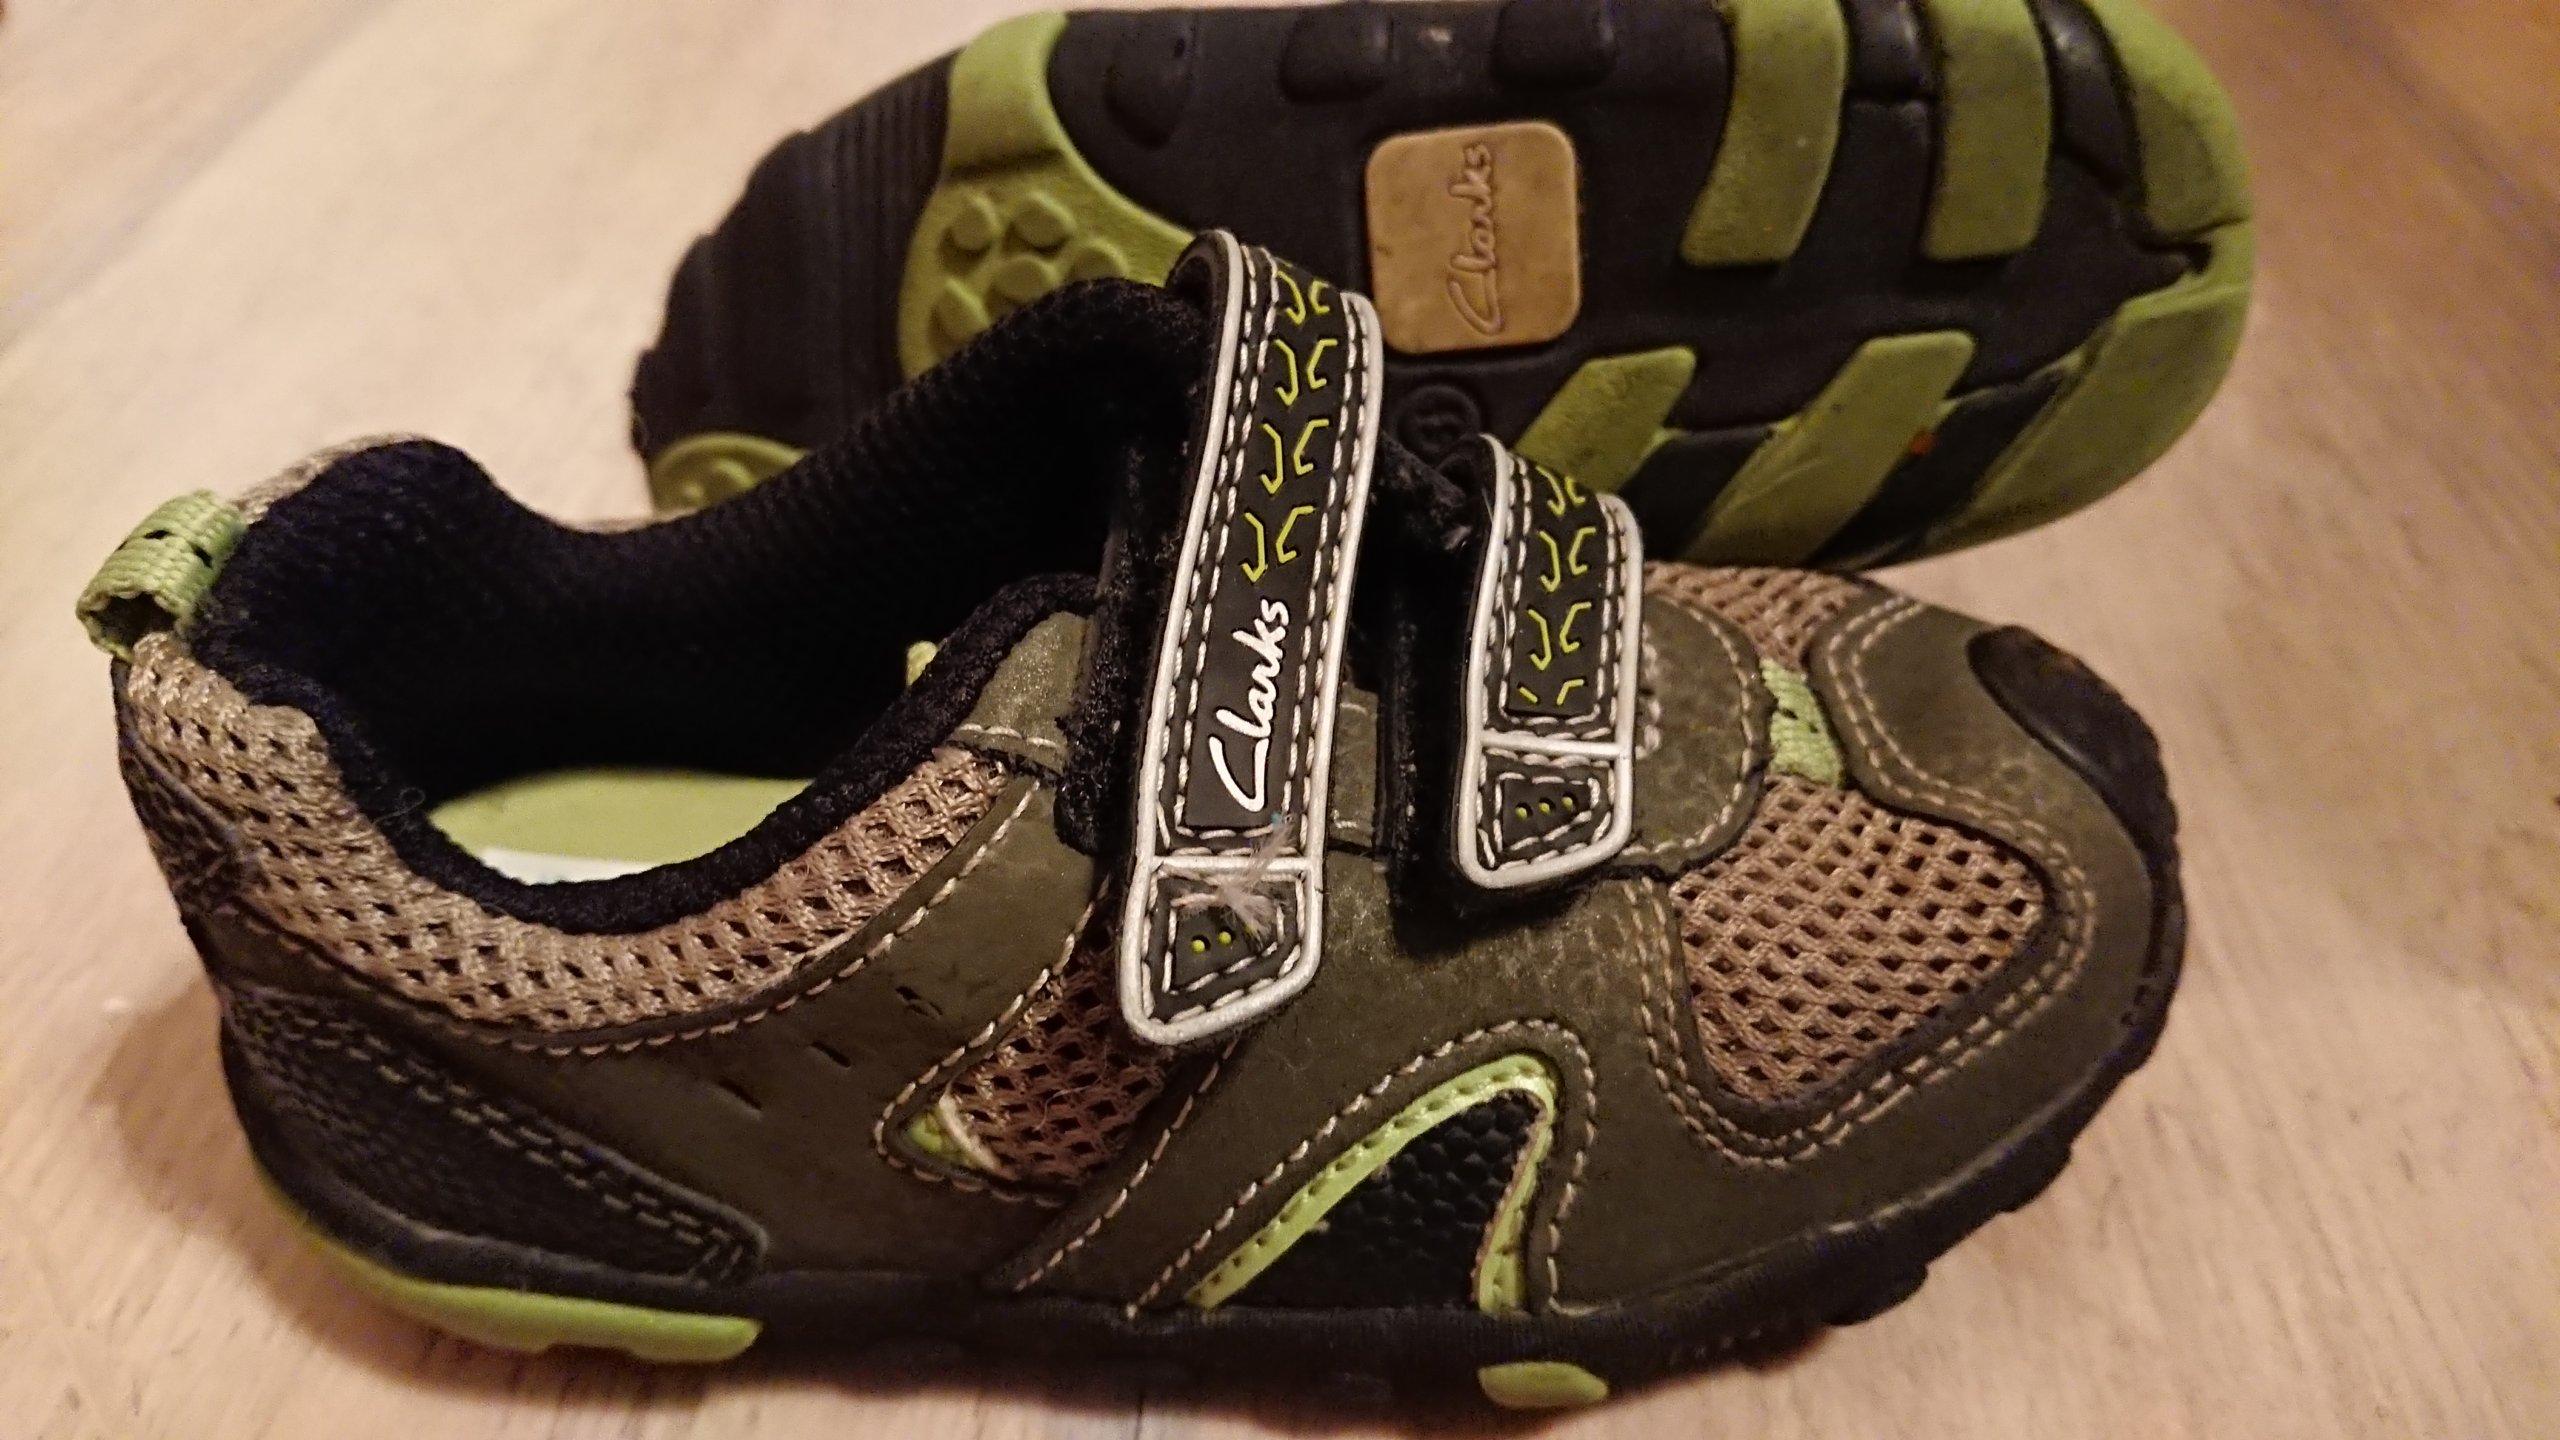 056186c0 Buty dziecięce Clarks rozmiar 22 (5 1/2 UK) - 7170333526 - oficjalne ...